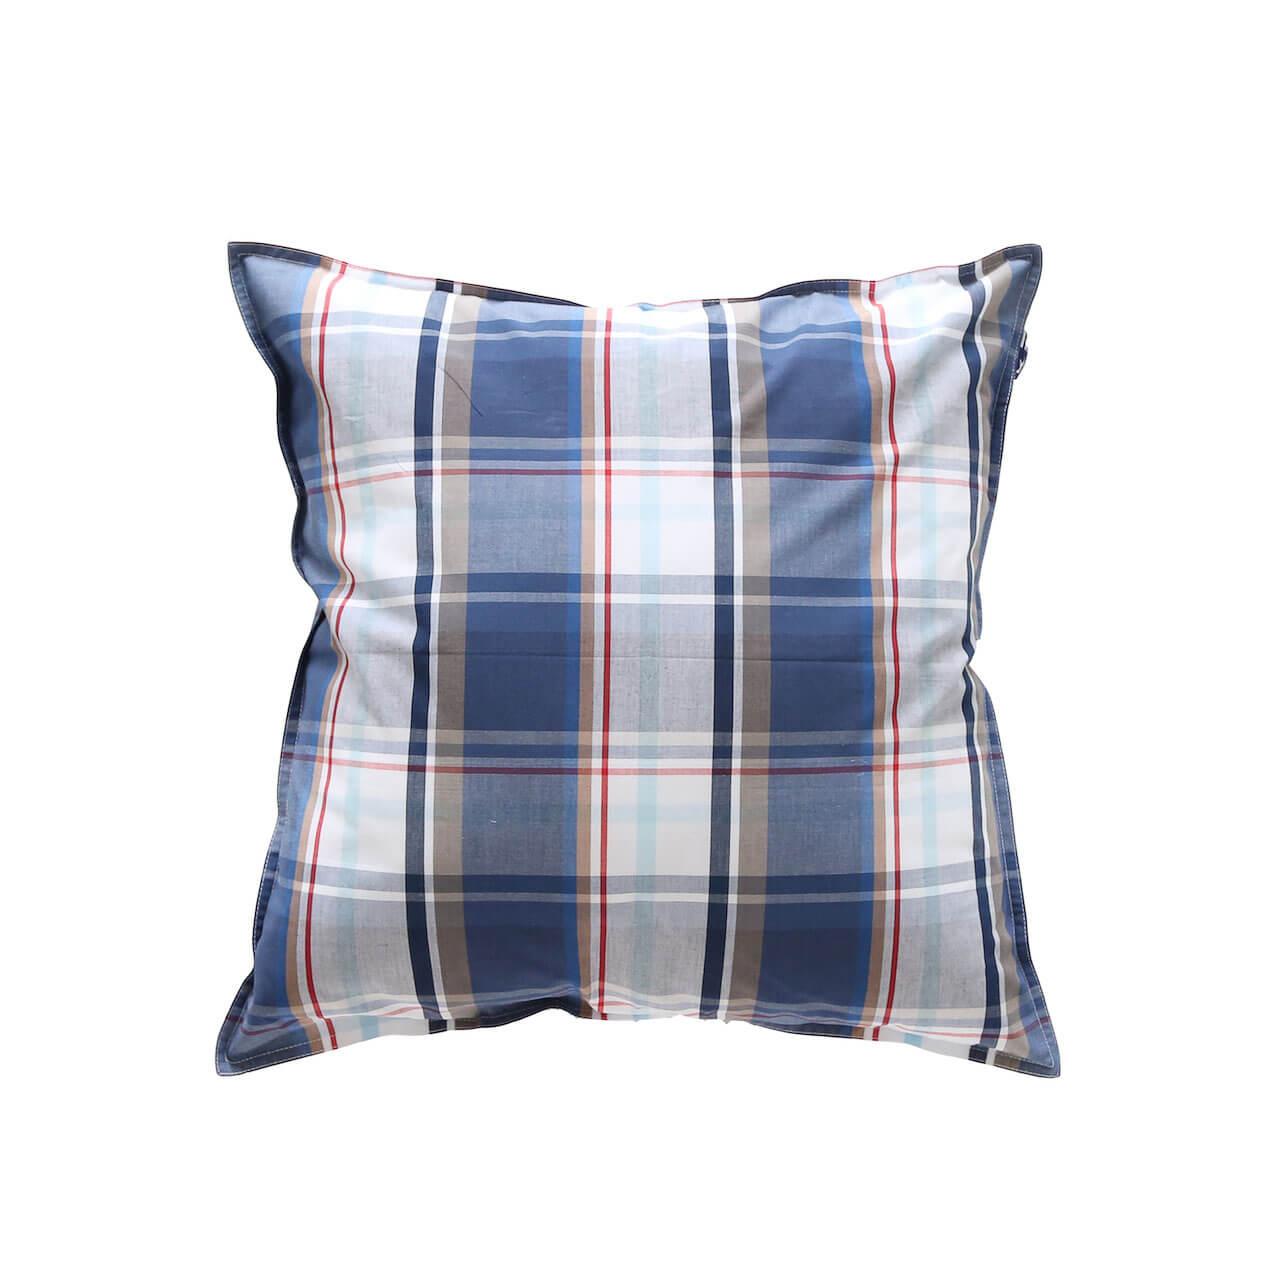 perkal kissenbezug halifax 50x50 cm homesphere onlineshop f r heimtextilien und mehr. Black Bedroom Furniture Sets. Home Design Ideas